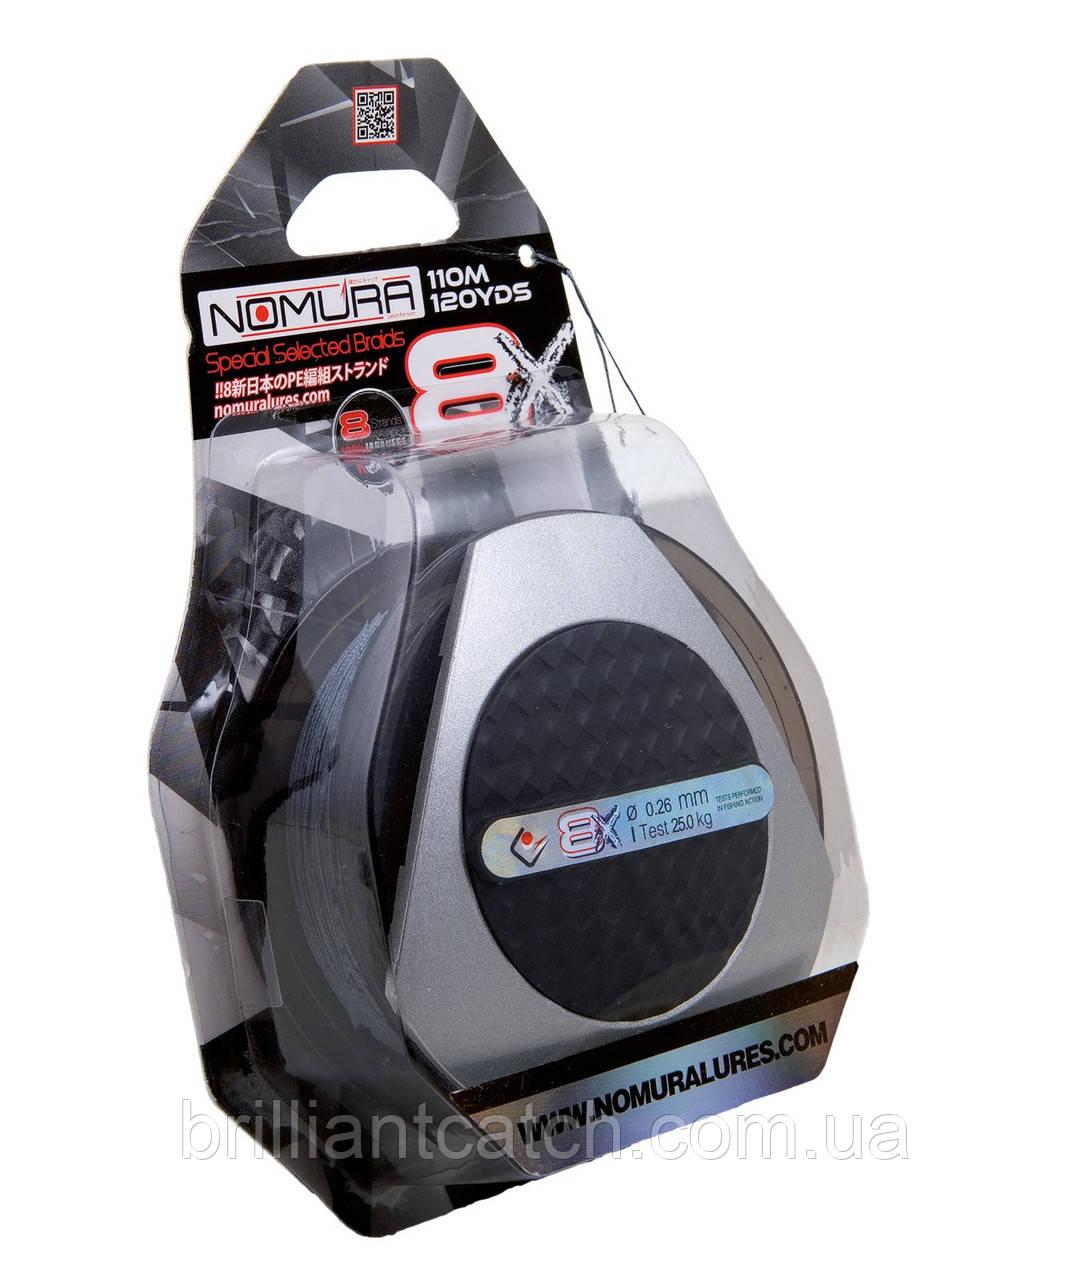 Шнур Nomura Sensum 8X Braid 110м(120yds)  0.32мм  32кг  цвет-gray (серый)